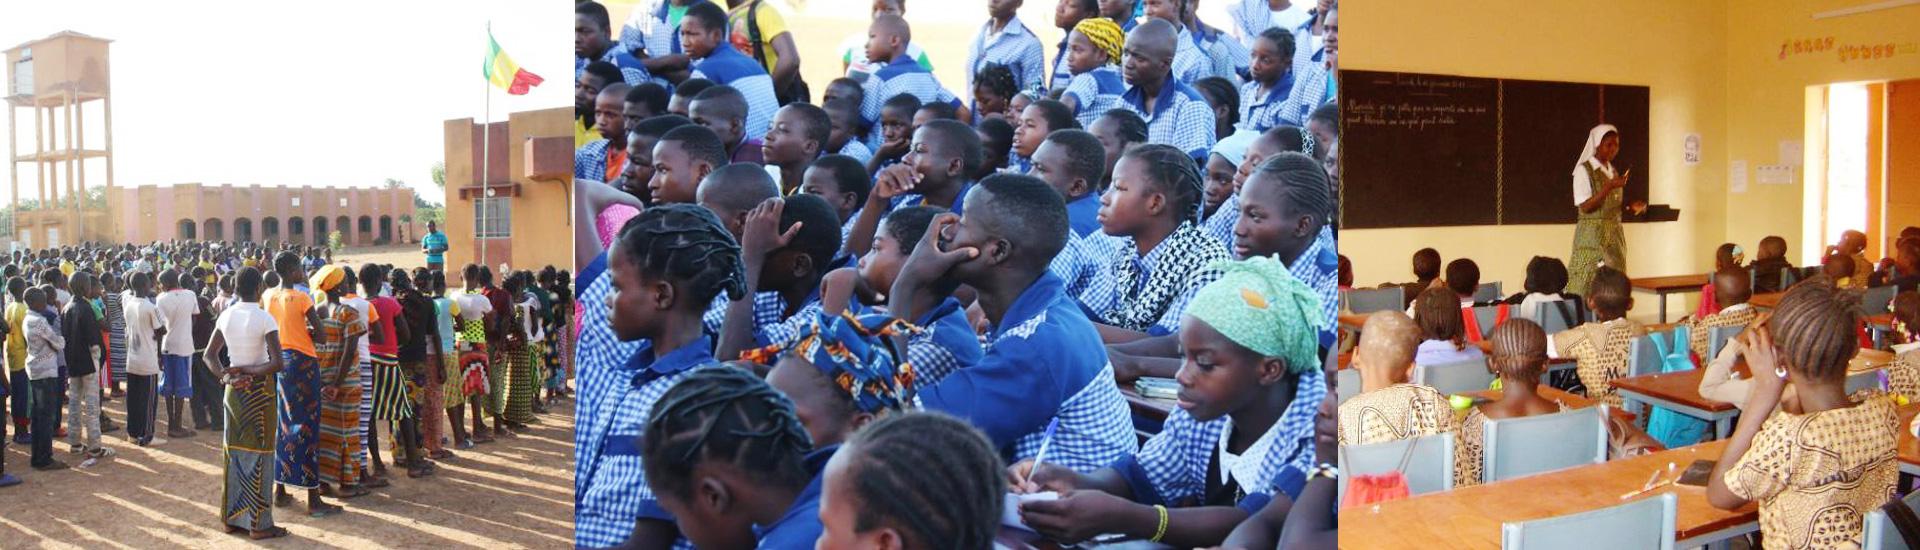 La escuela que atiende a más de 400 jóvenes